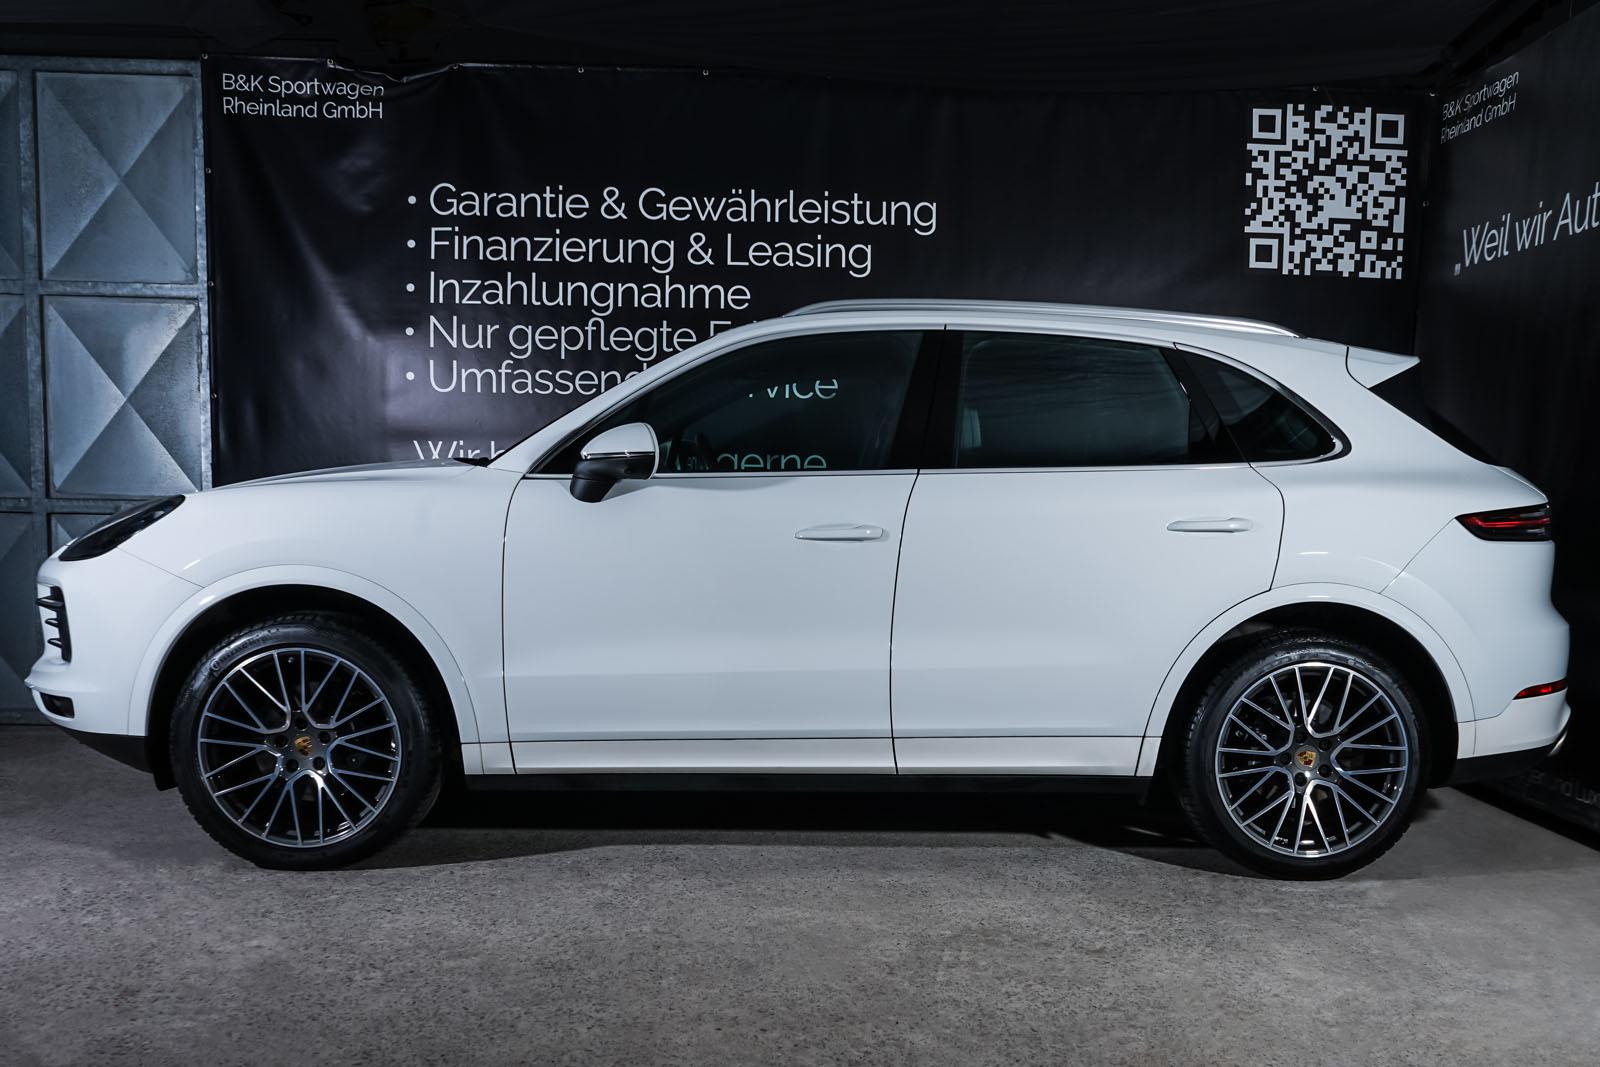 Porsche_Cayenne_Weiß_Schwarz_POR-0208_5_w